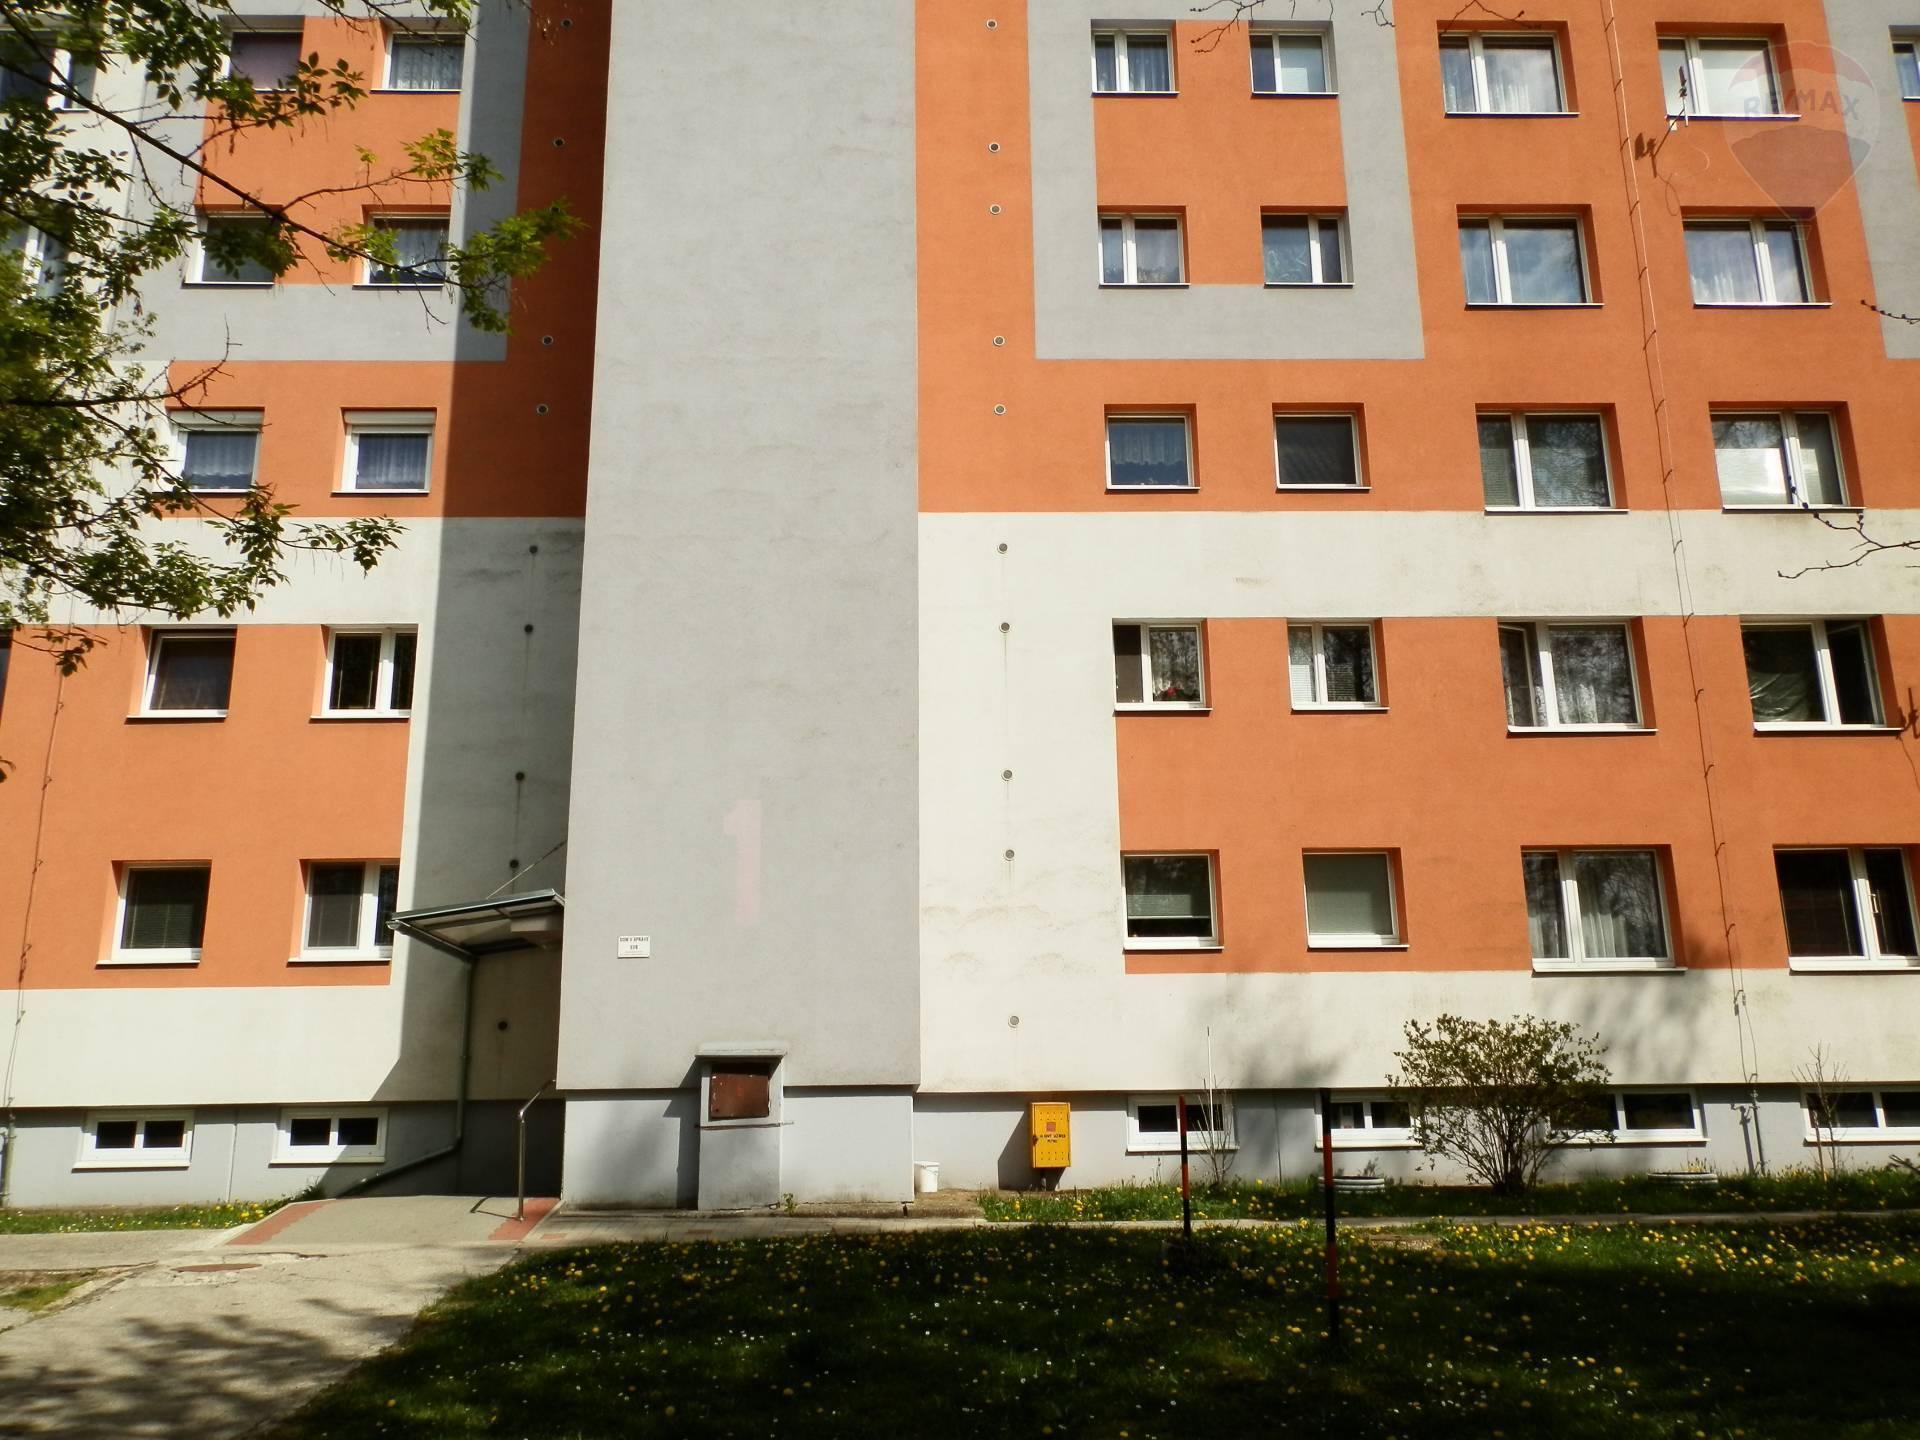 PREDAJ 1 izbového bytu - Sásová, Banská Bystrica